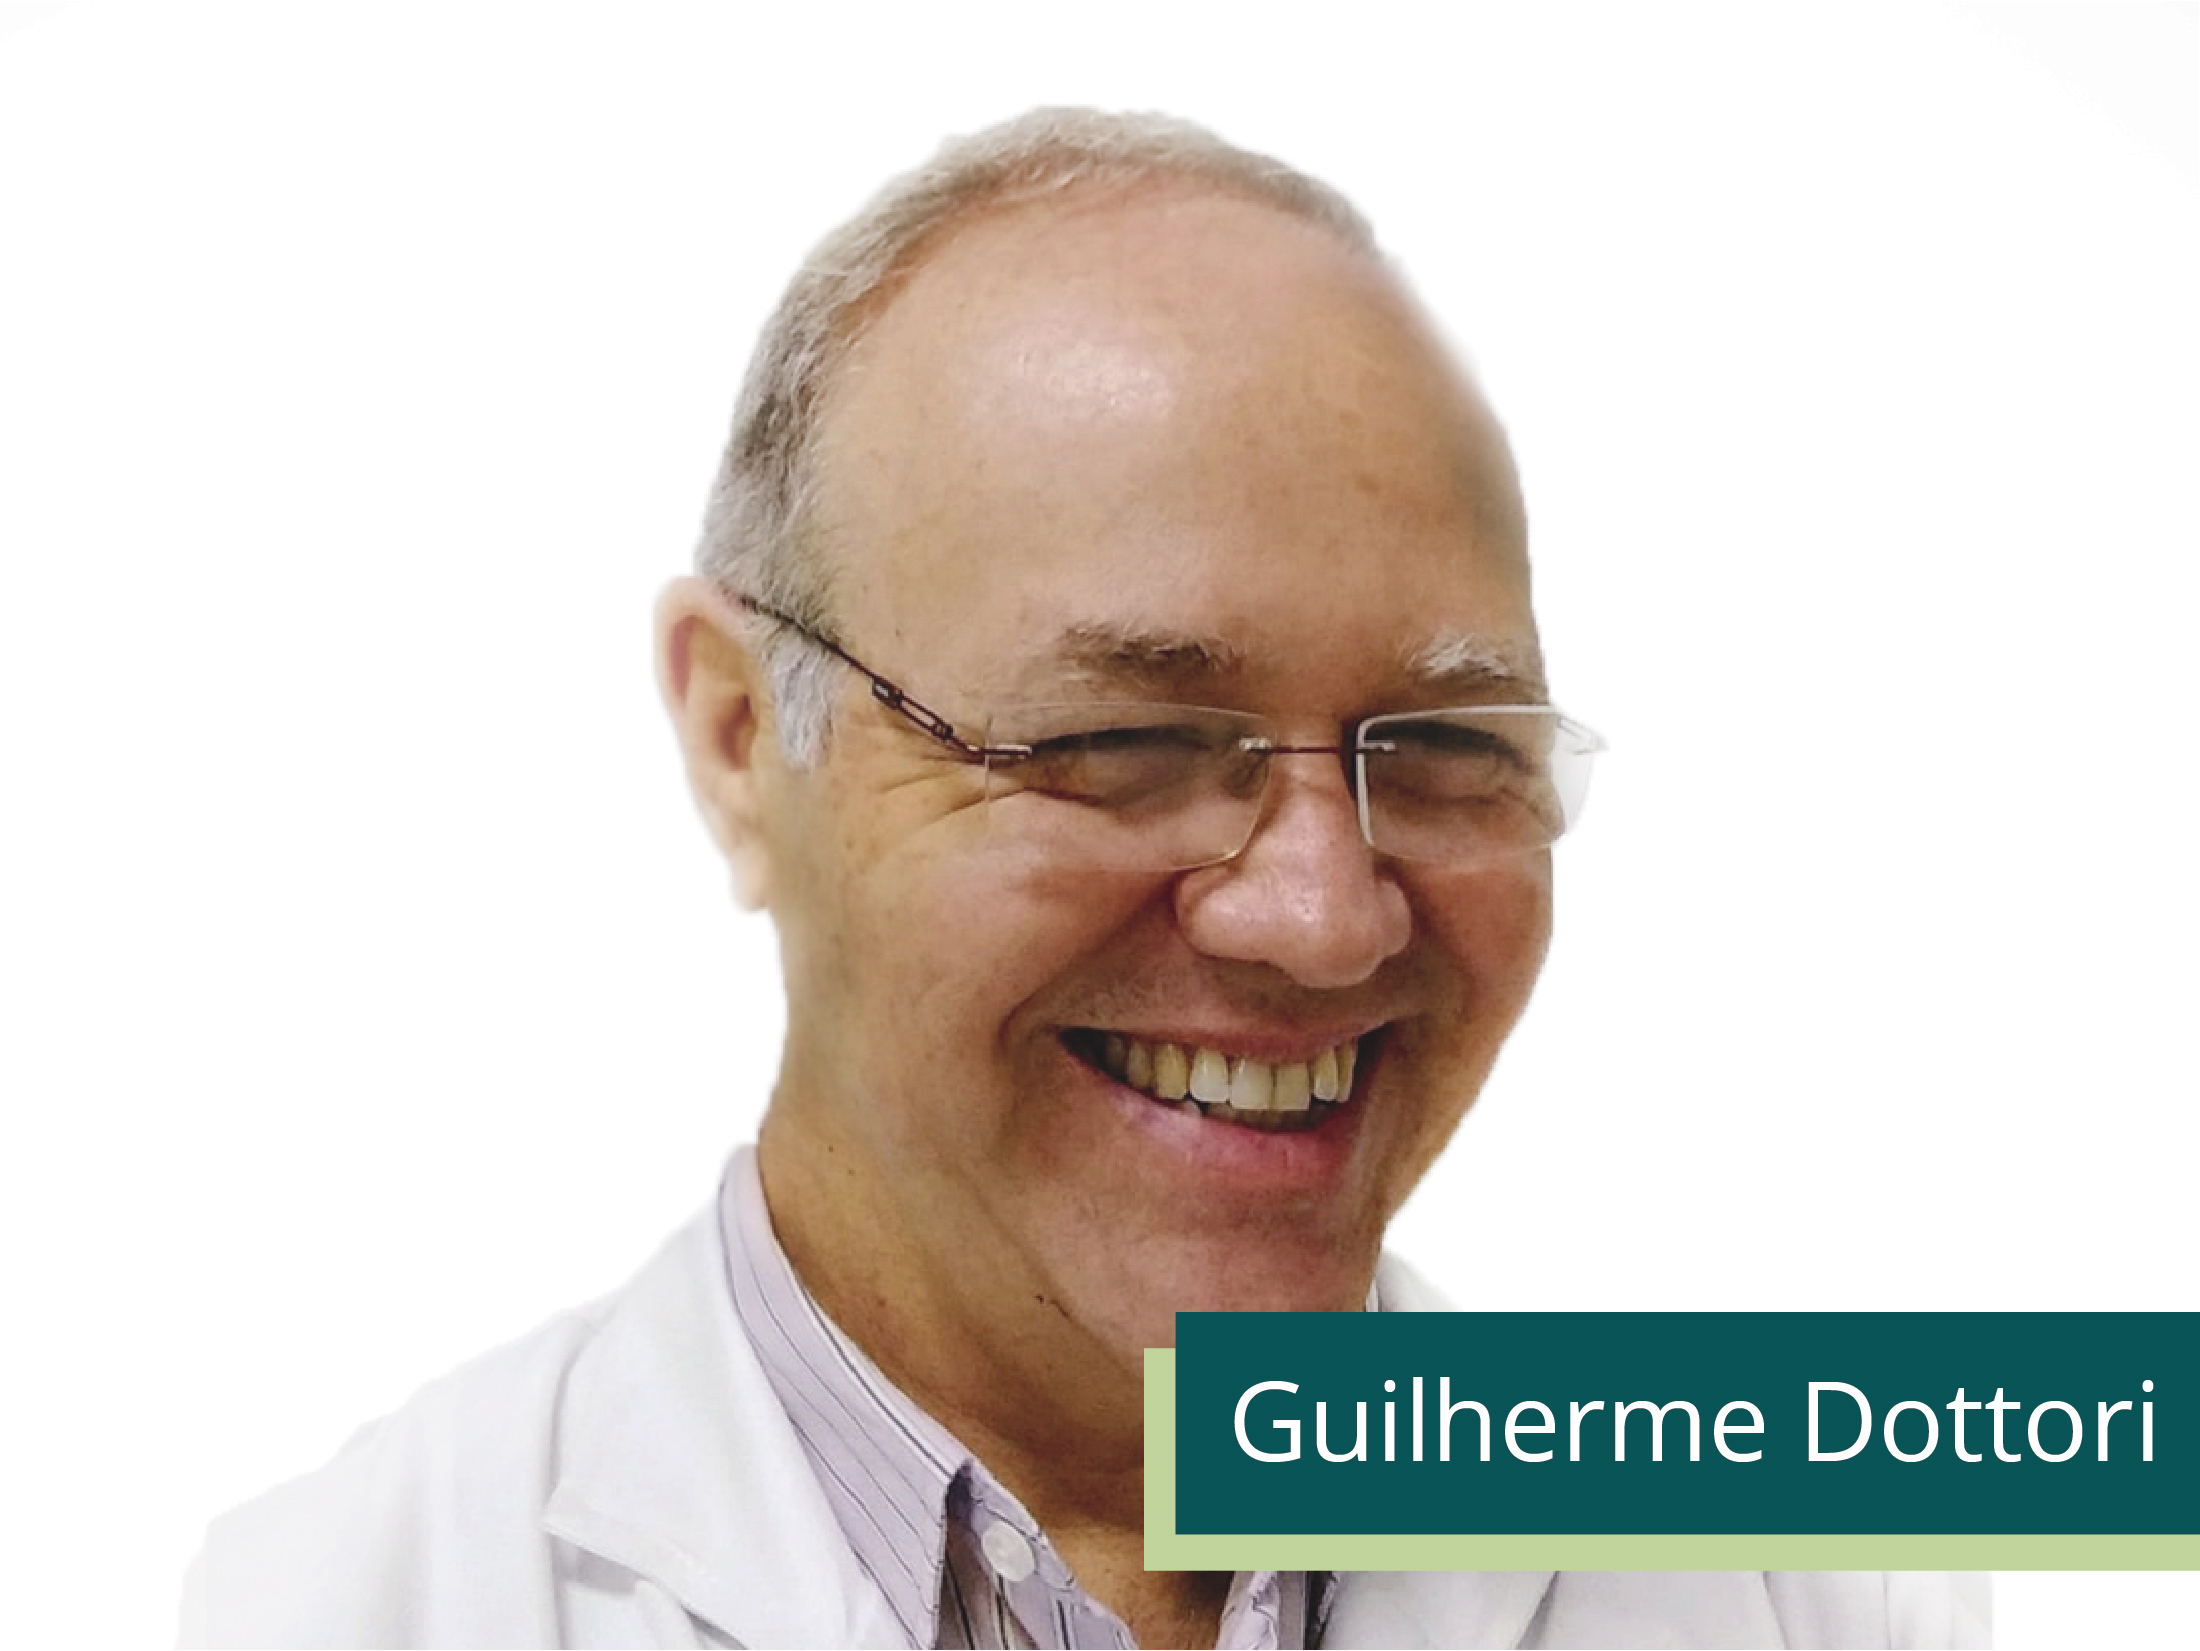 guilherme dottori